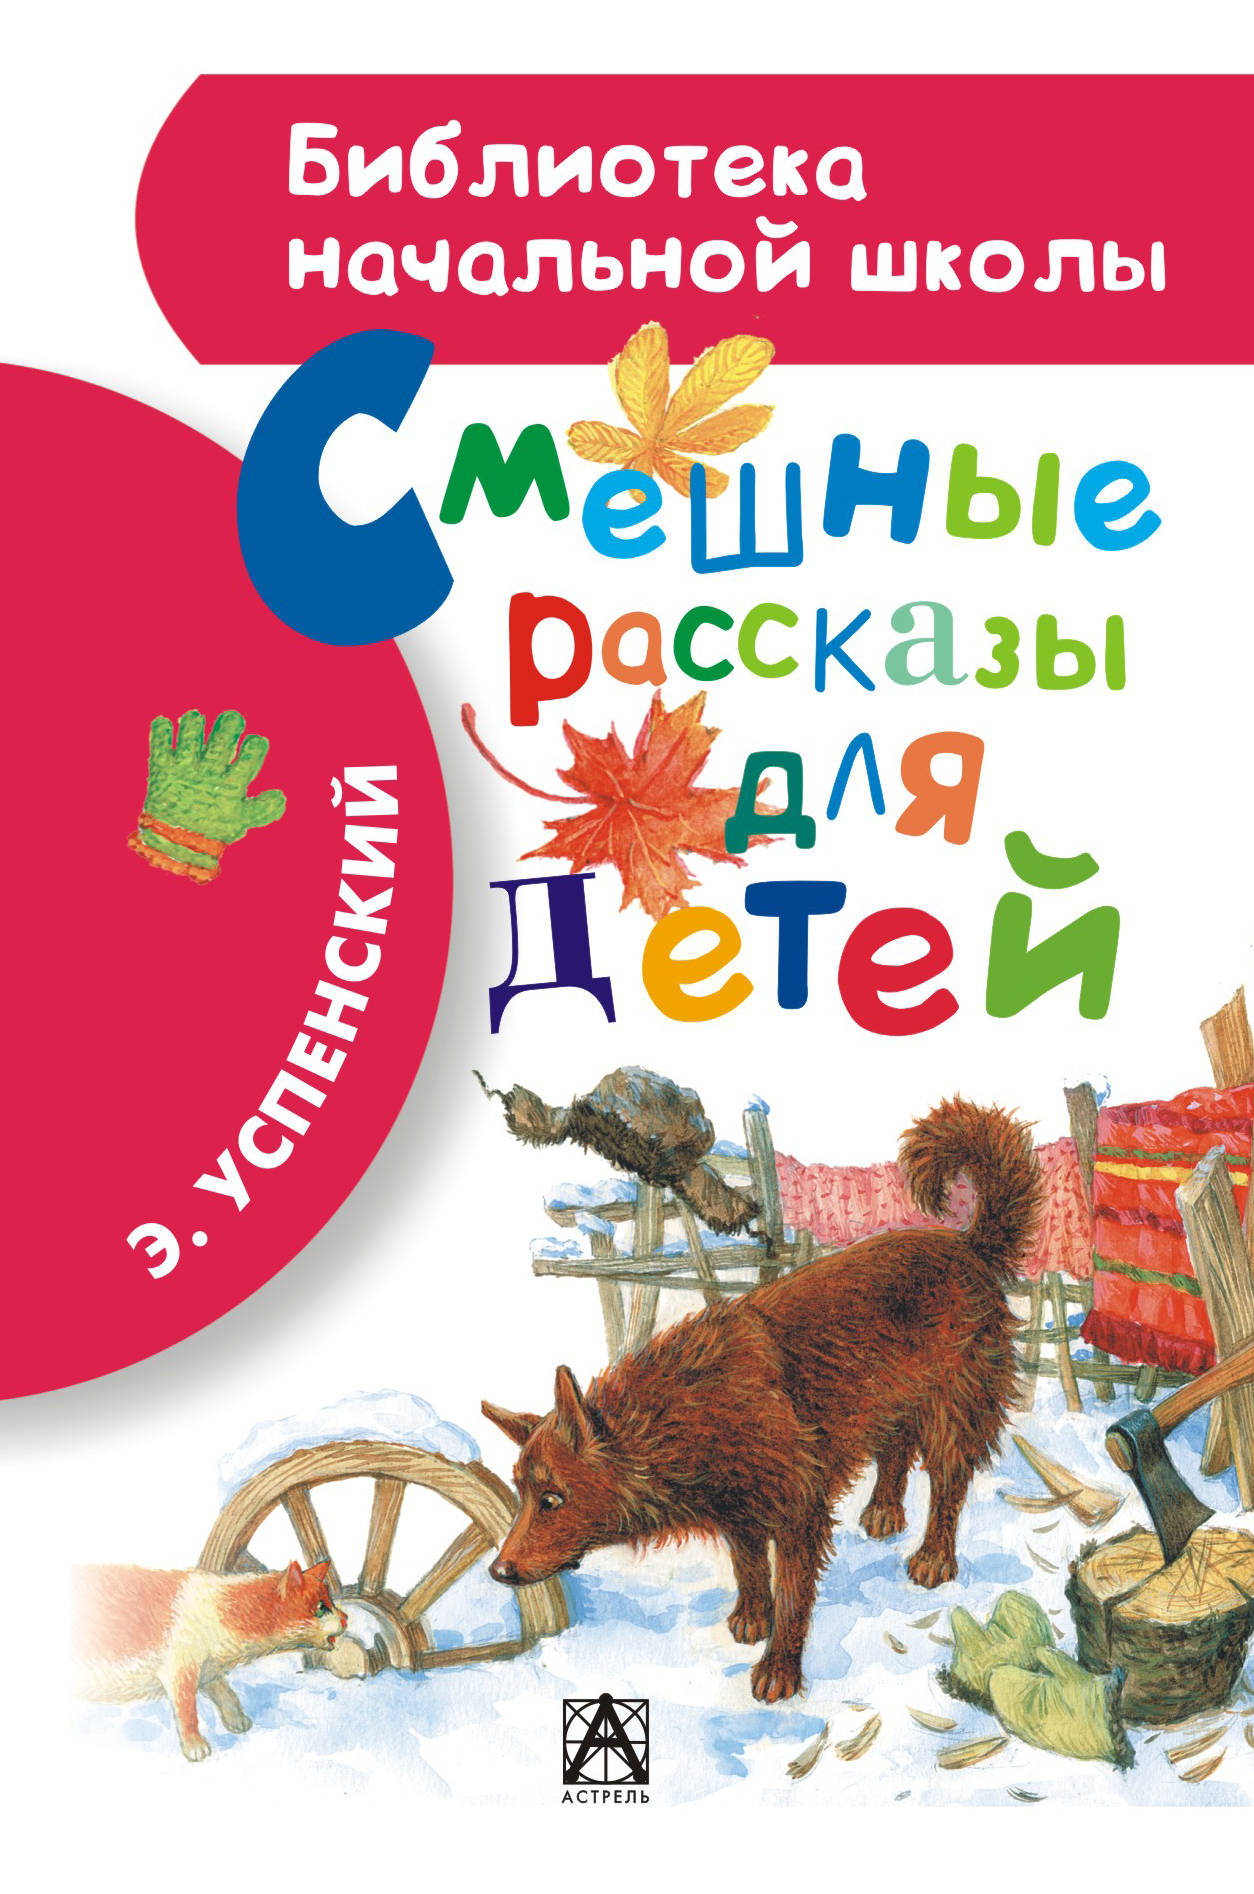 Купить Смешные Рассказы для Детей, АСТ, Рассказы и повести